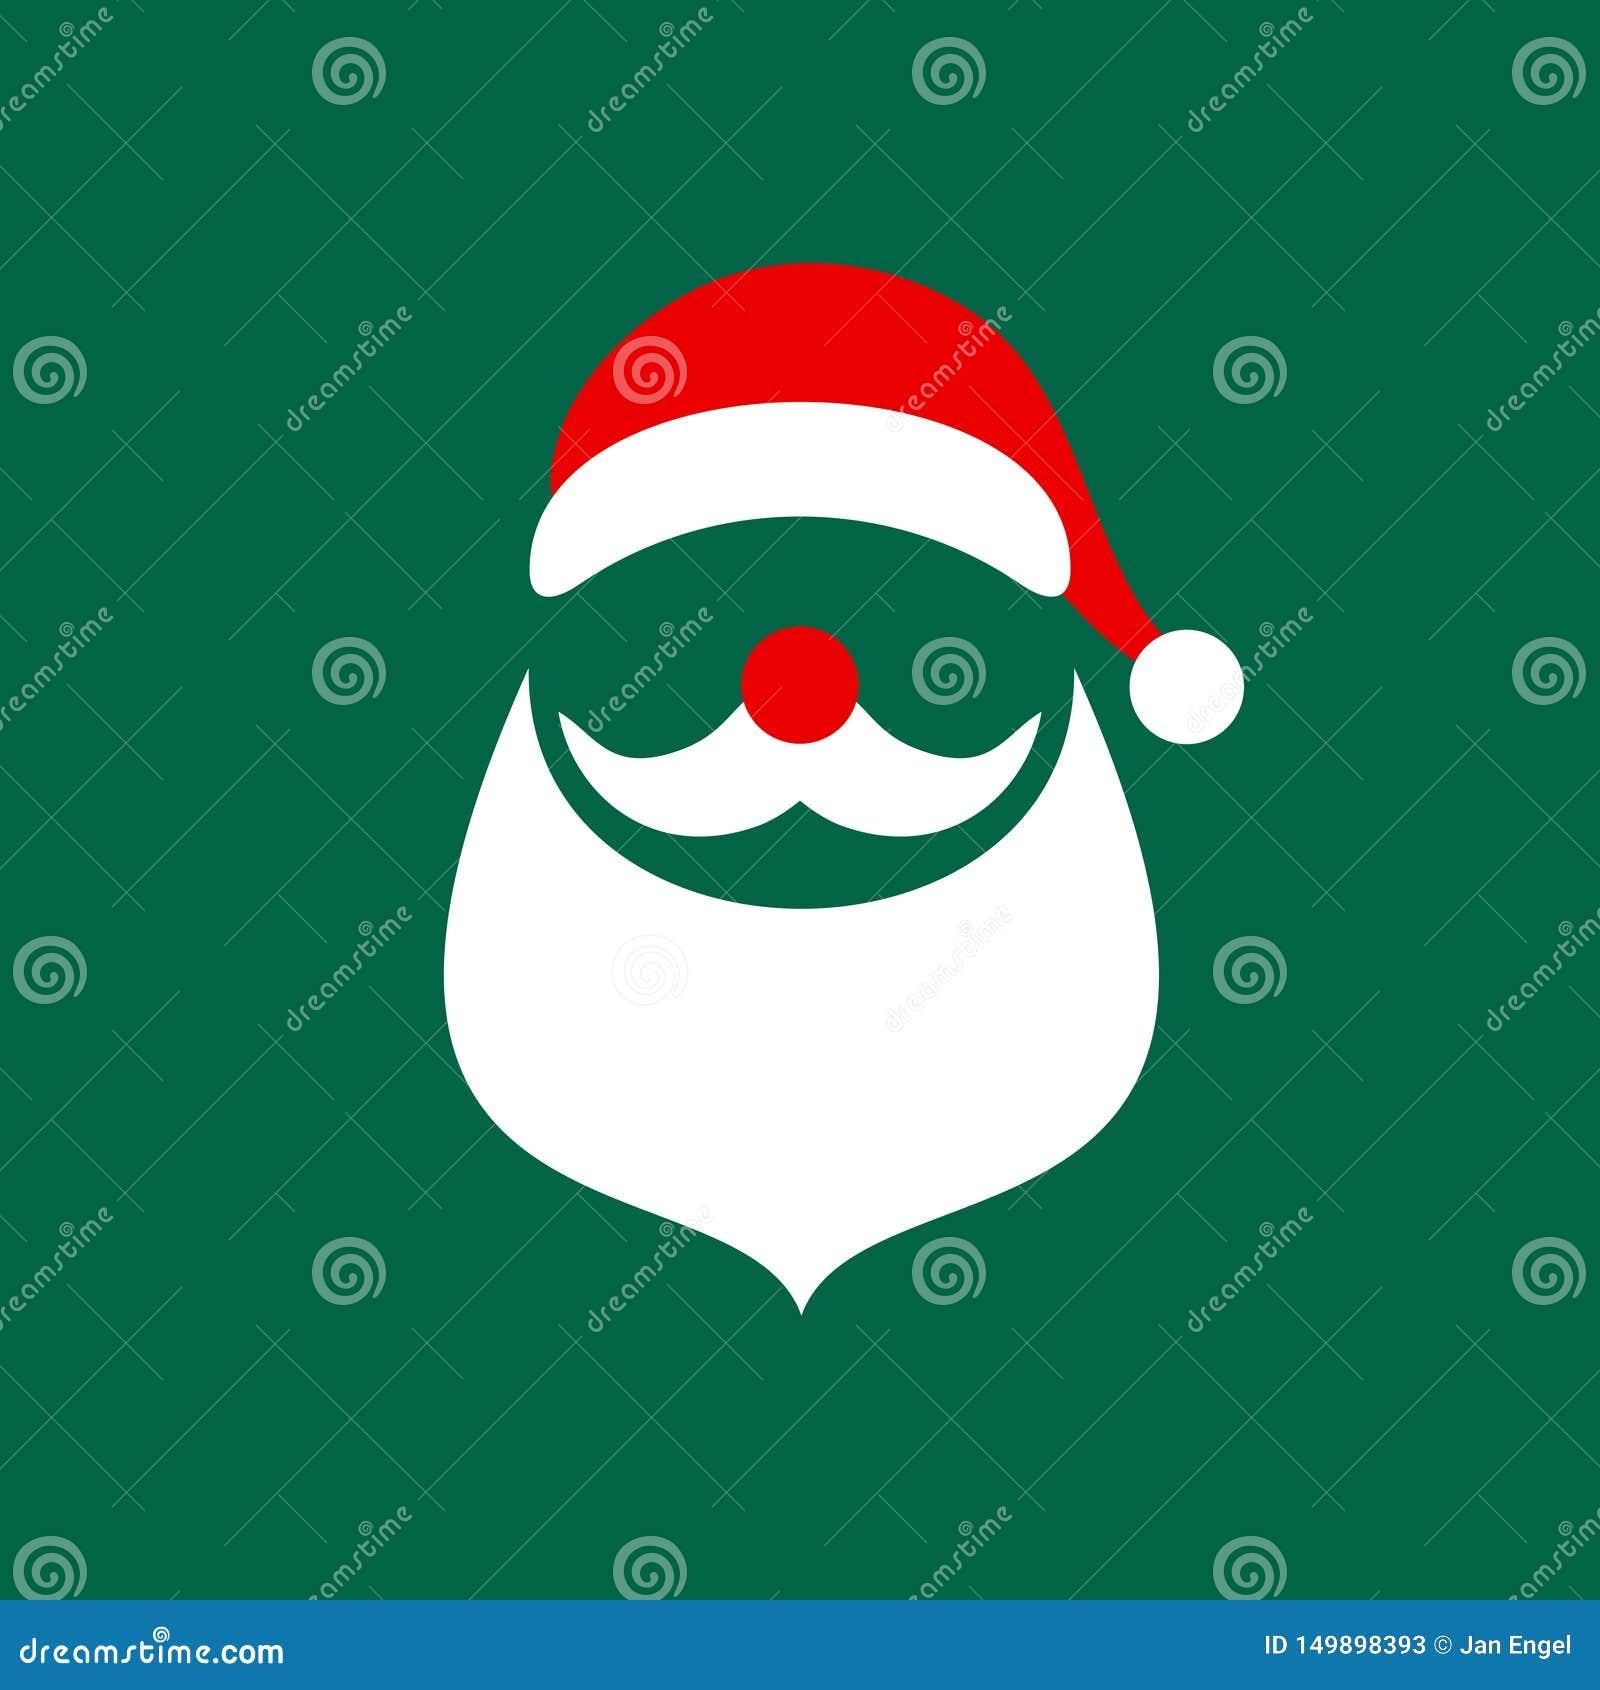 Square Christmas Card Abstract Graphic Santa Green